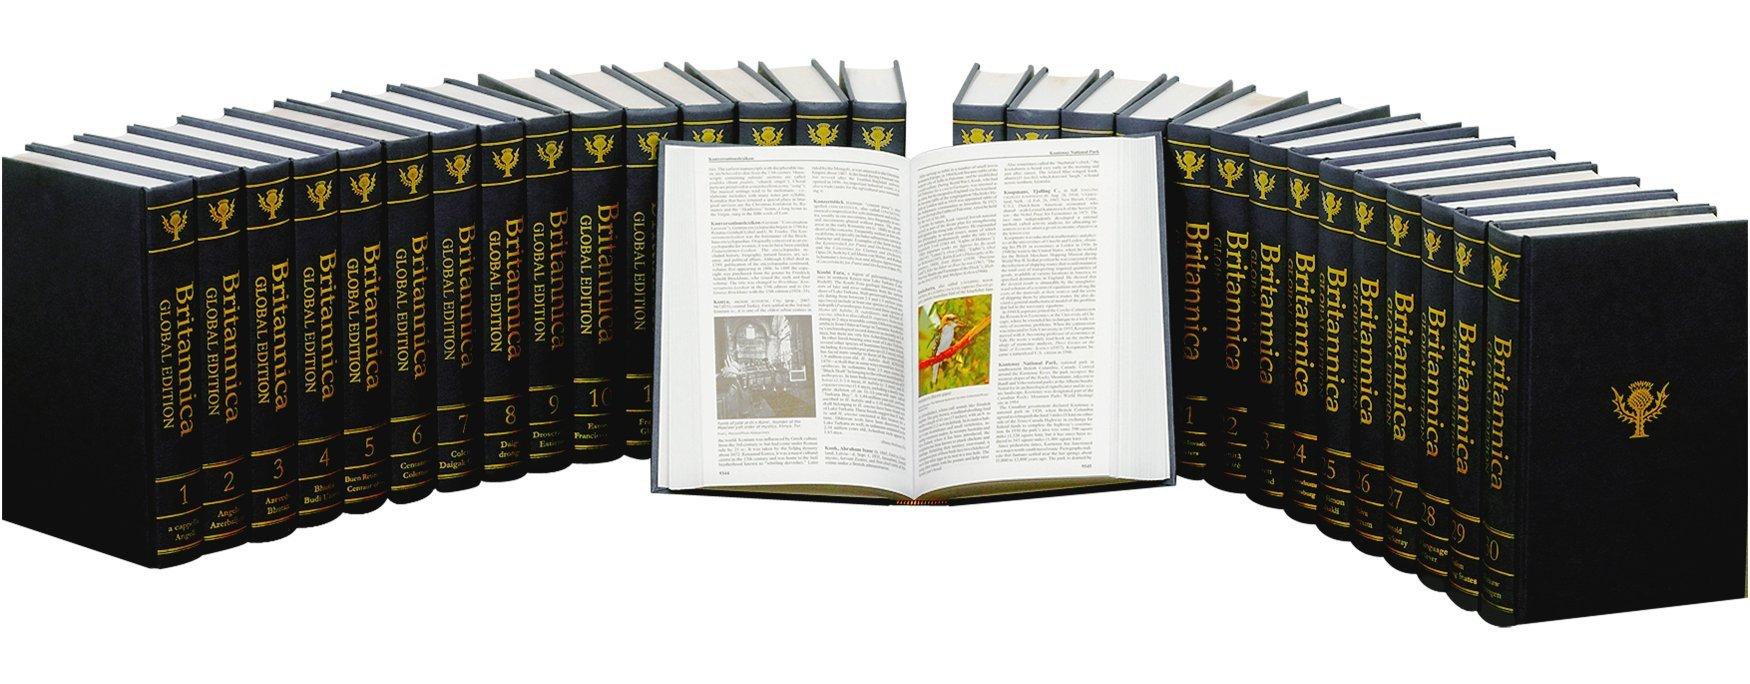 Encyclopedia Britannica 2016 Free Download